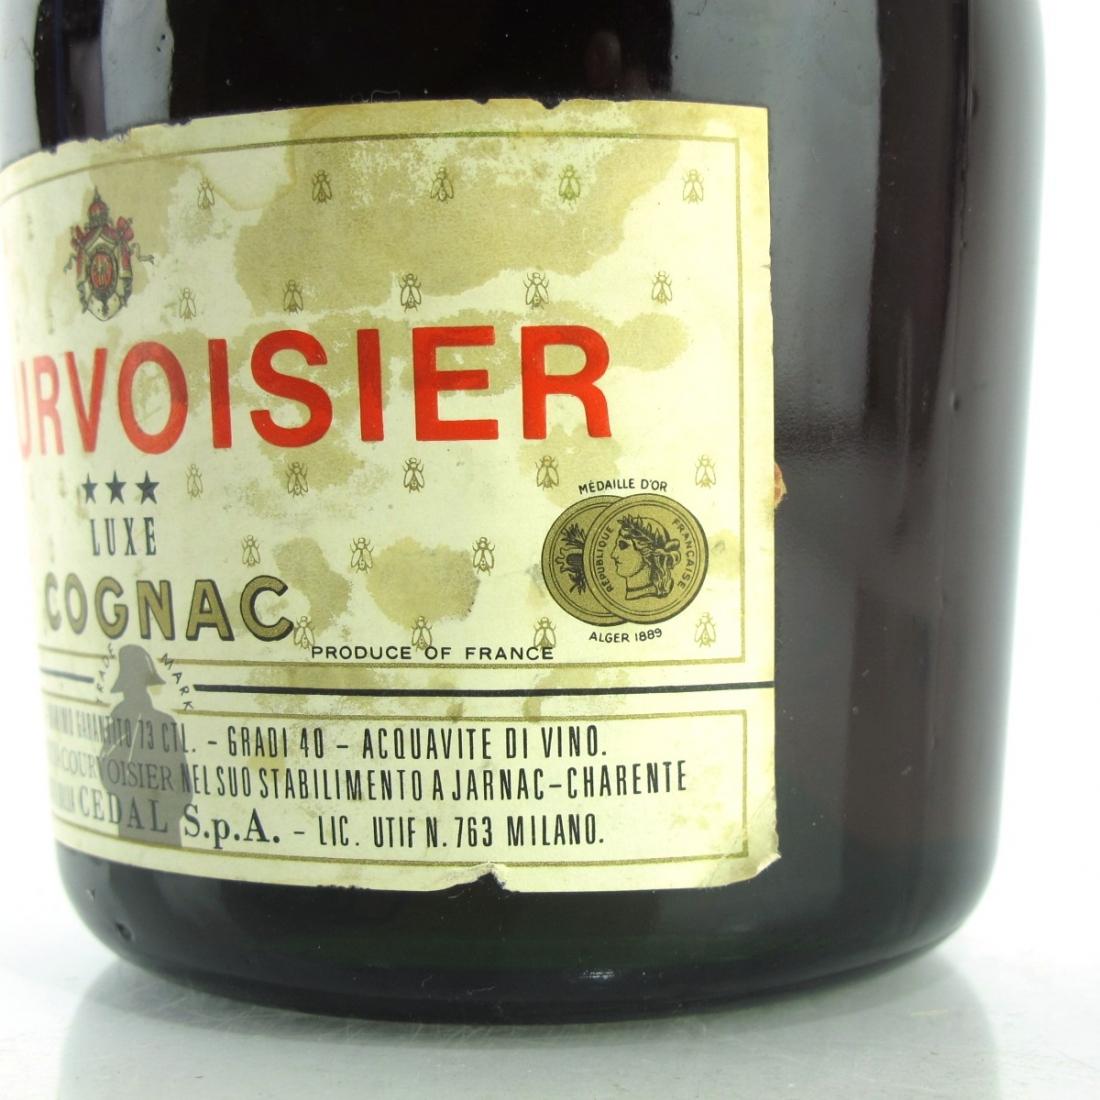 Courvoisier 3-Star Luxe Cognac 1960s